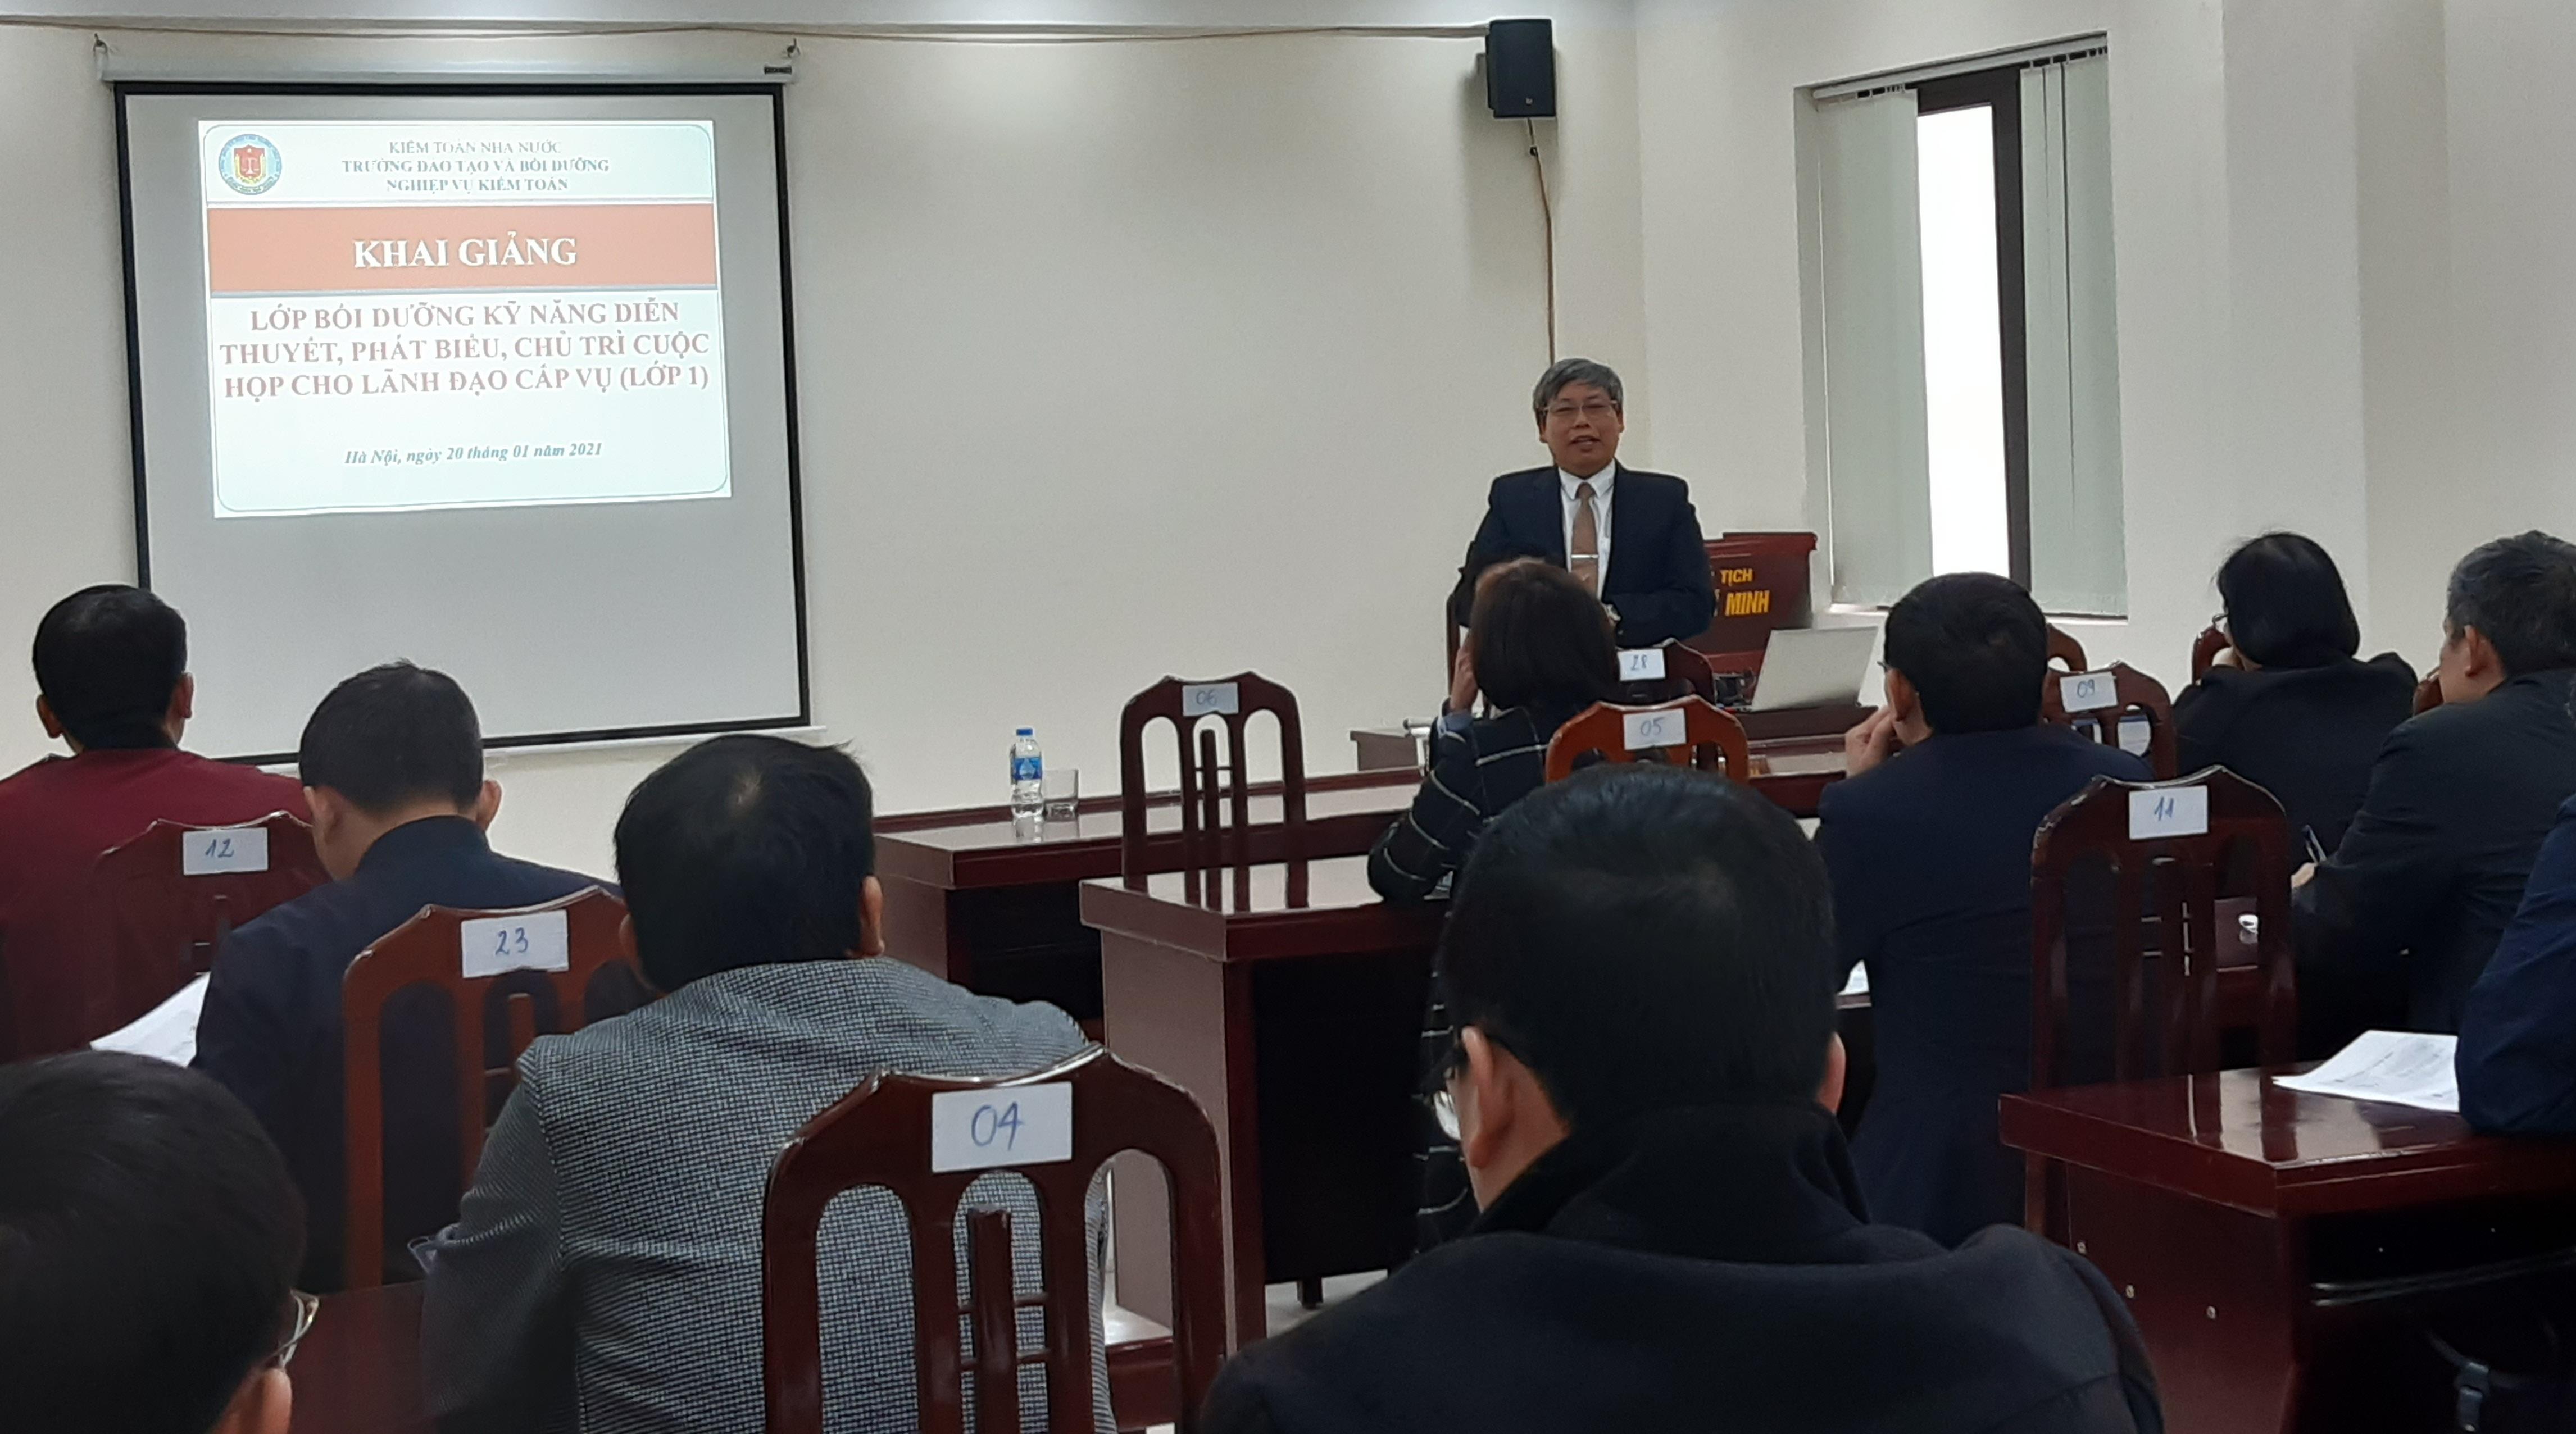 Tăng cường kỹ năng thuyết trình và chủ trì cuộc họp cho lãnh đạo cấp Vụ